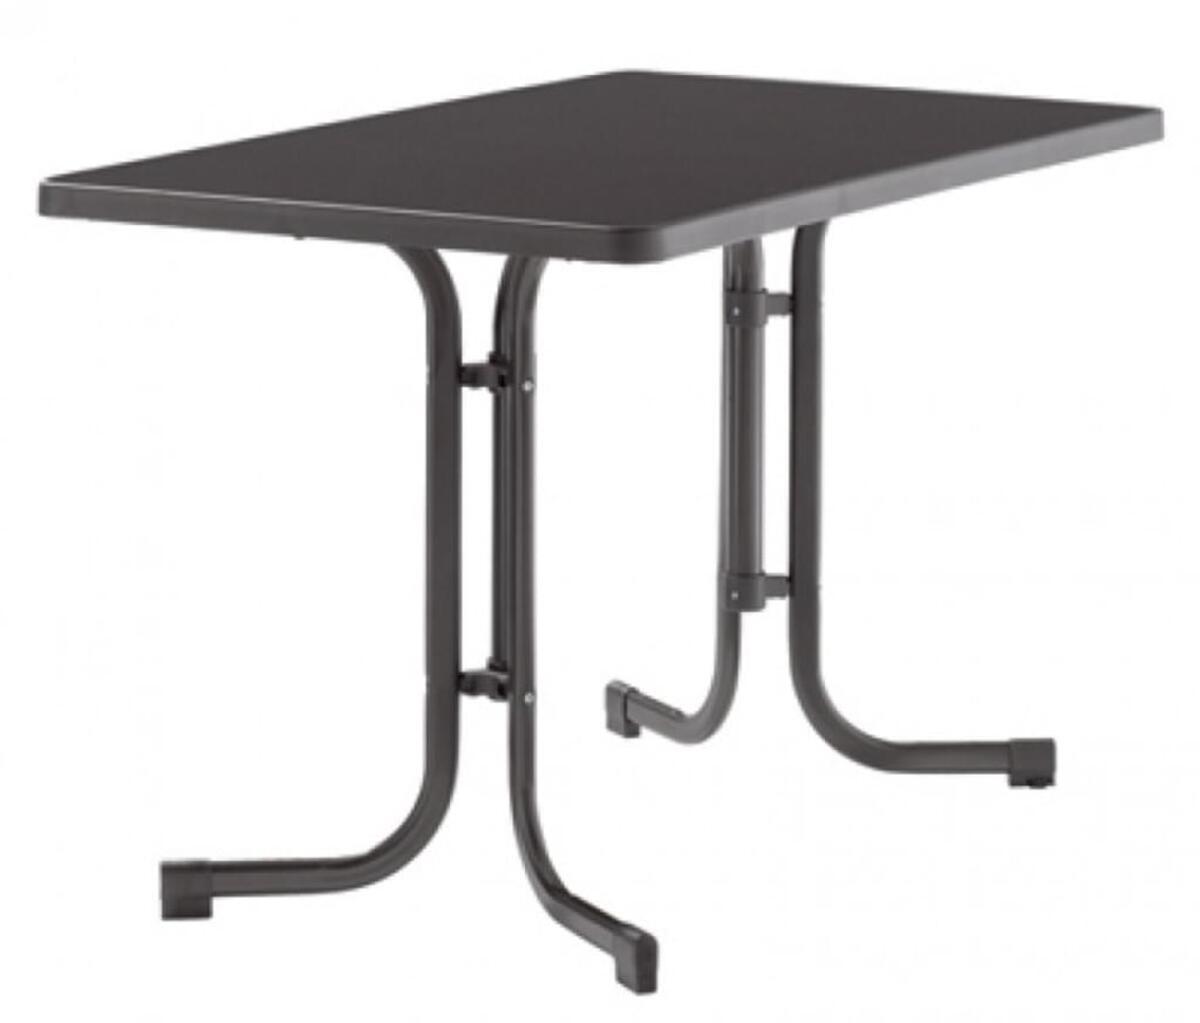 Bild 1 von SIEGER Gartentisch / Klapptisch 115x70cm Stahl grau/Mecalit anthrazit